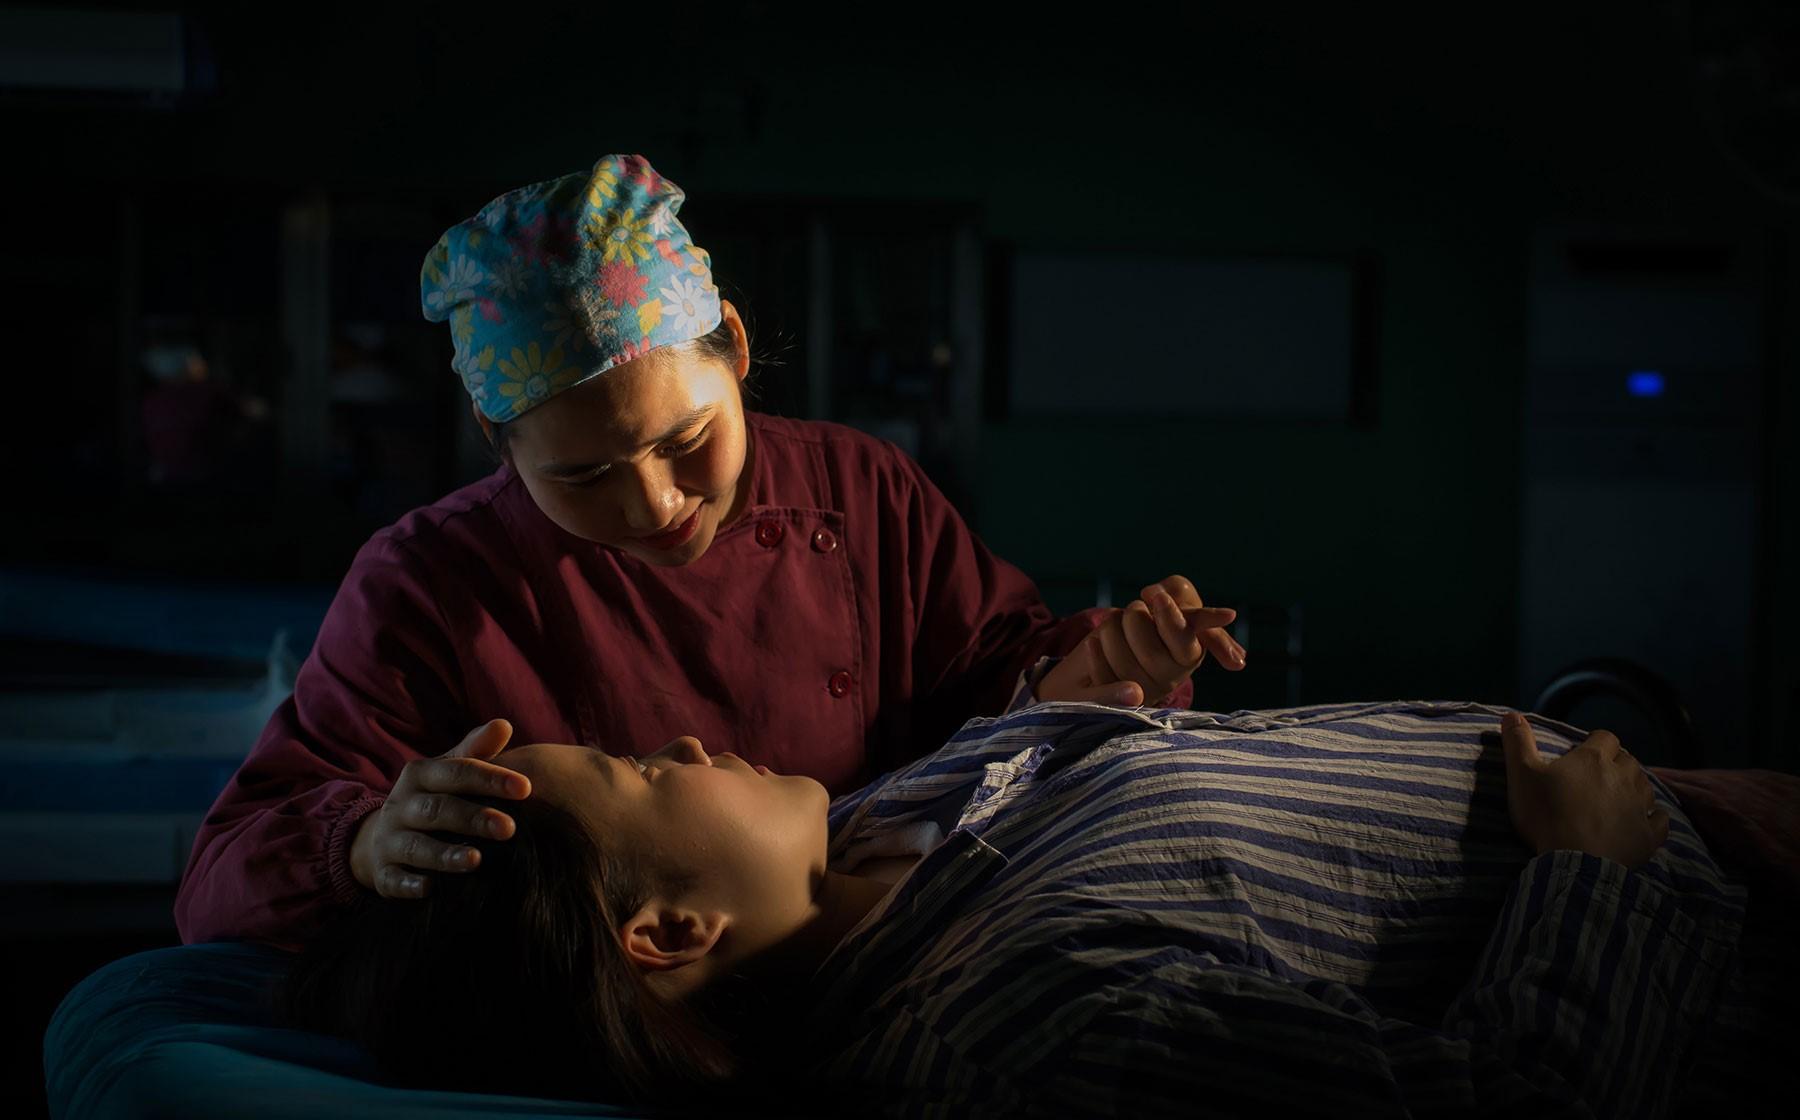 江西省九江市武宁县人民医院输血科-邓京丽-《呵护》